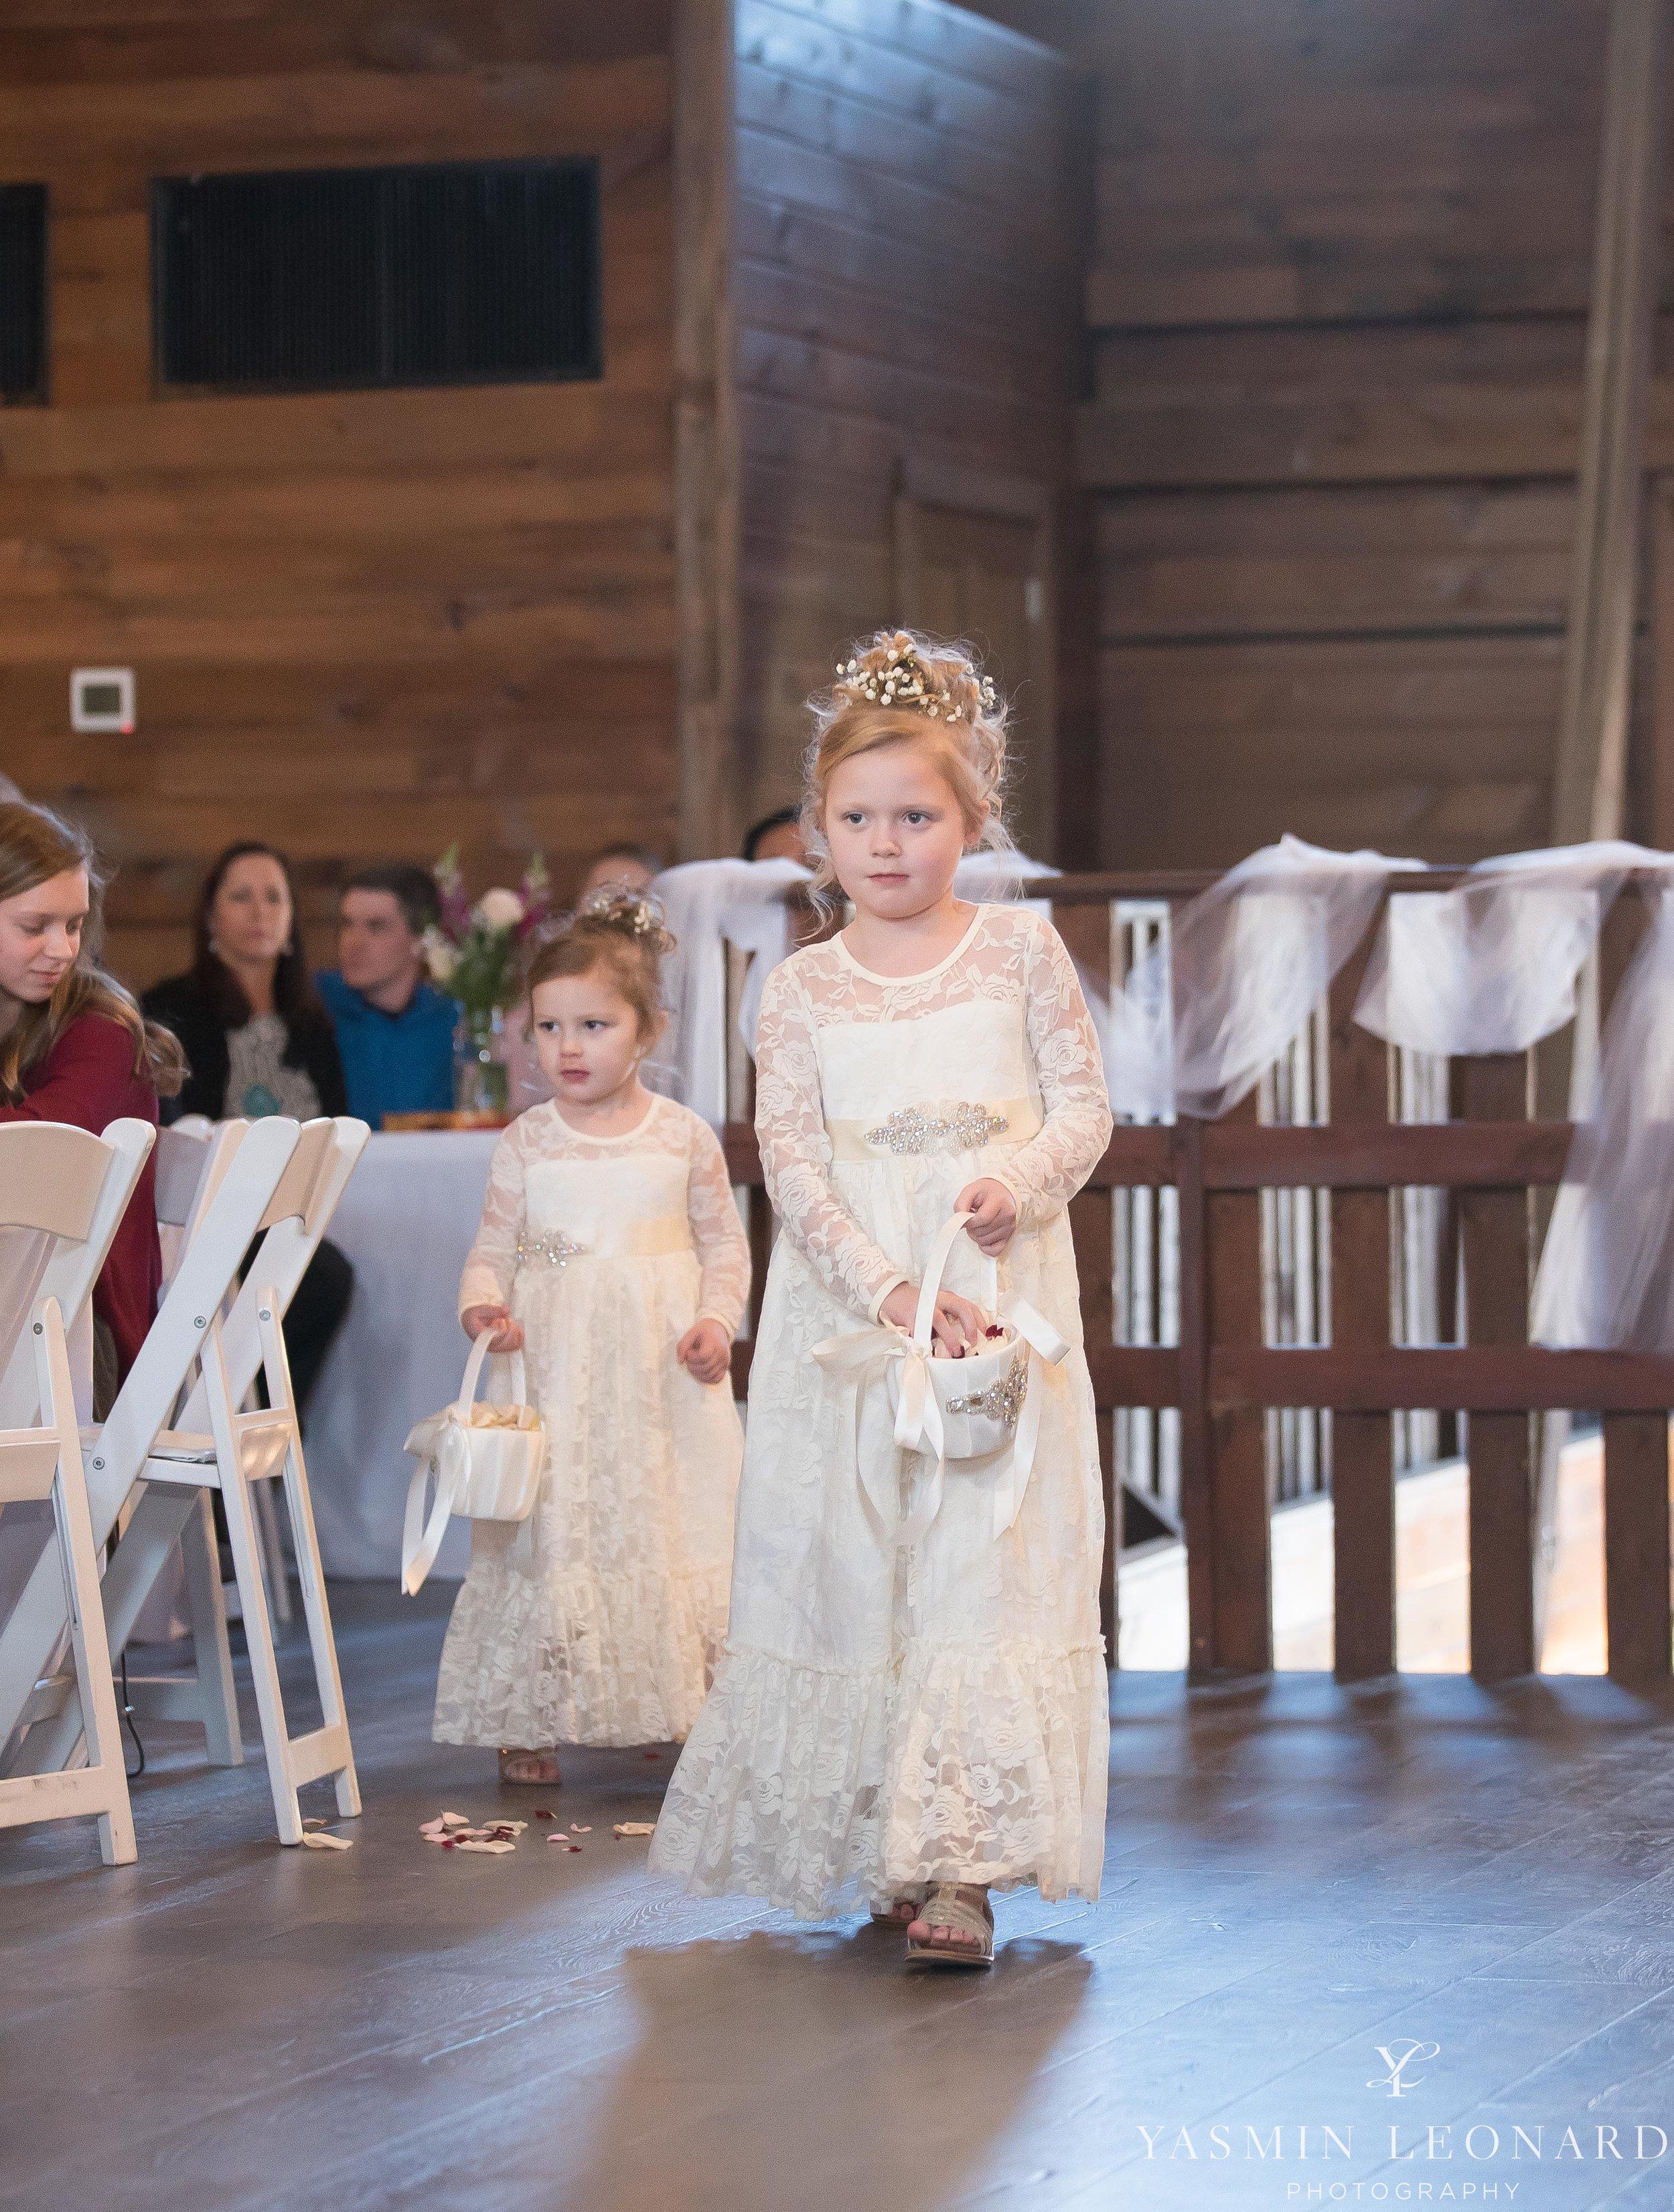 Millikan Farms - Millikan Farms Wedding - Sophia NC Wedding - NC Wedding - NC Wedding Photographer - Yasmin Leonard Photography - High Point Photographer - Barn Wedding - Wedding Venues in NC - Triad Wedding Photographer-35.jpg